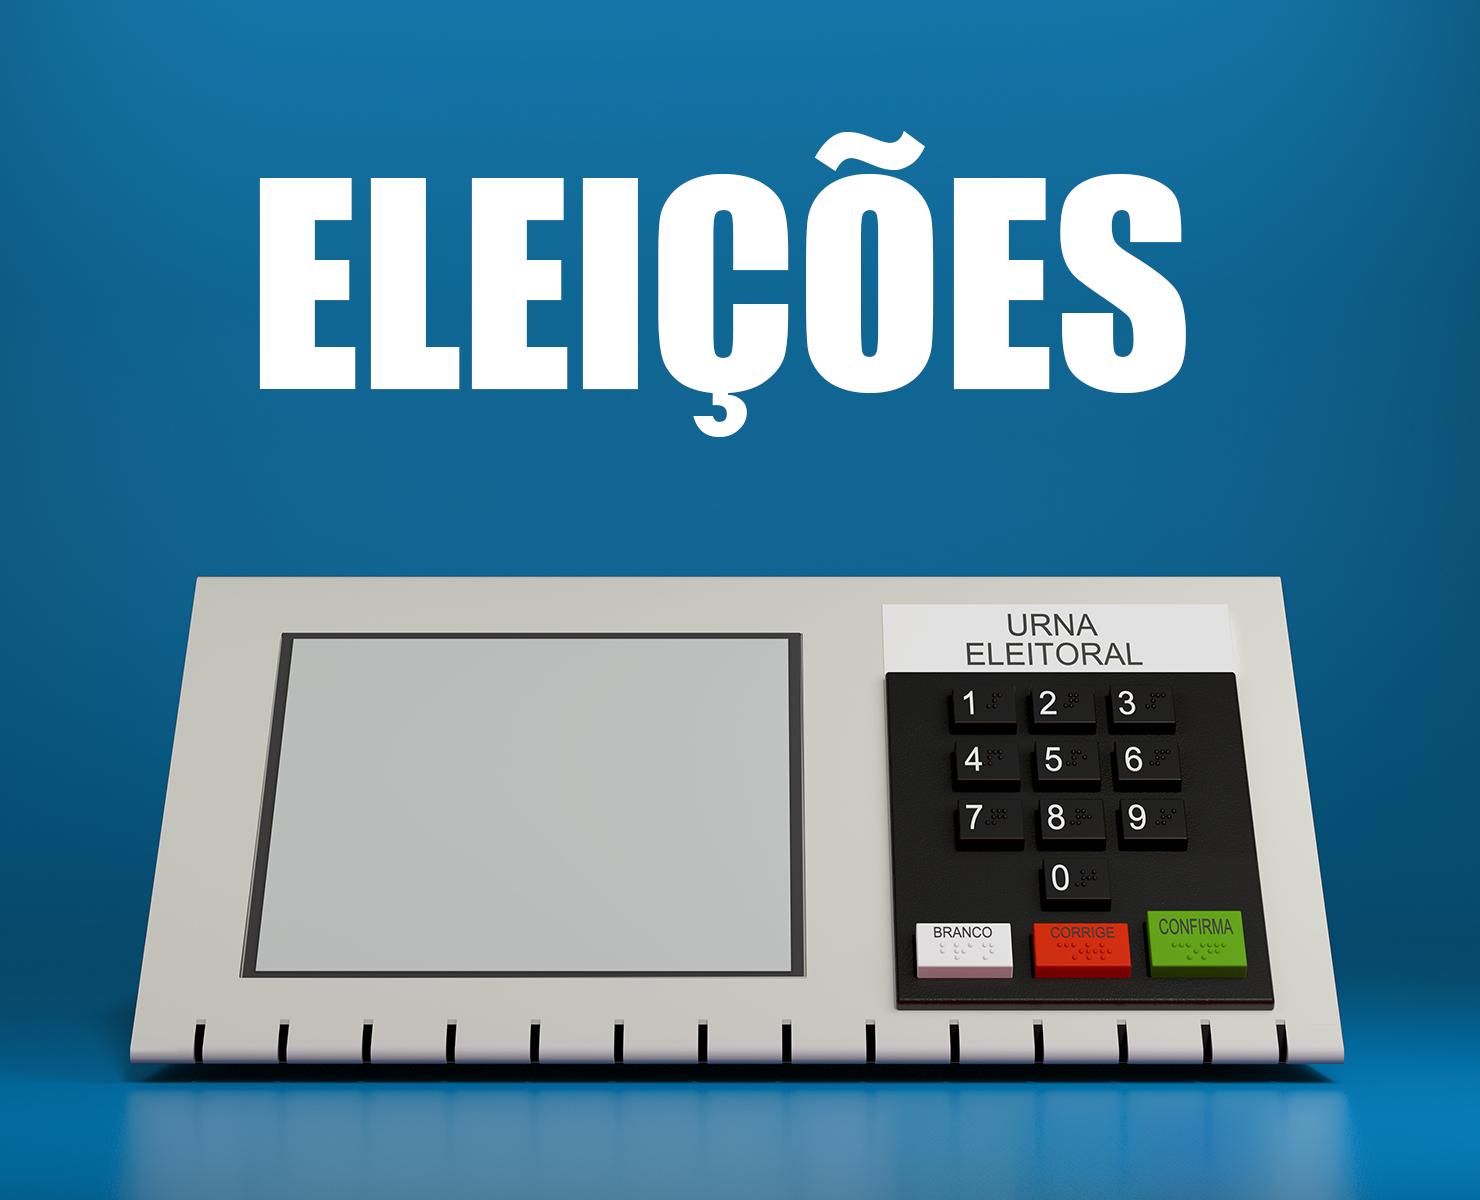 ELEIÇÕES 2020: CONGRESSO PODE ADIAR PLEITO